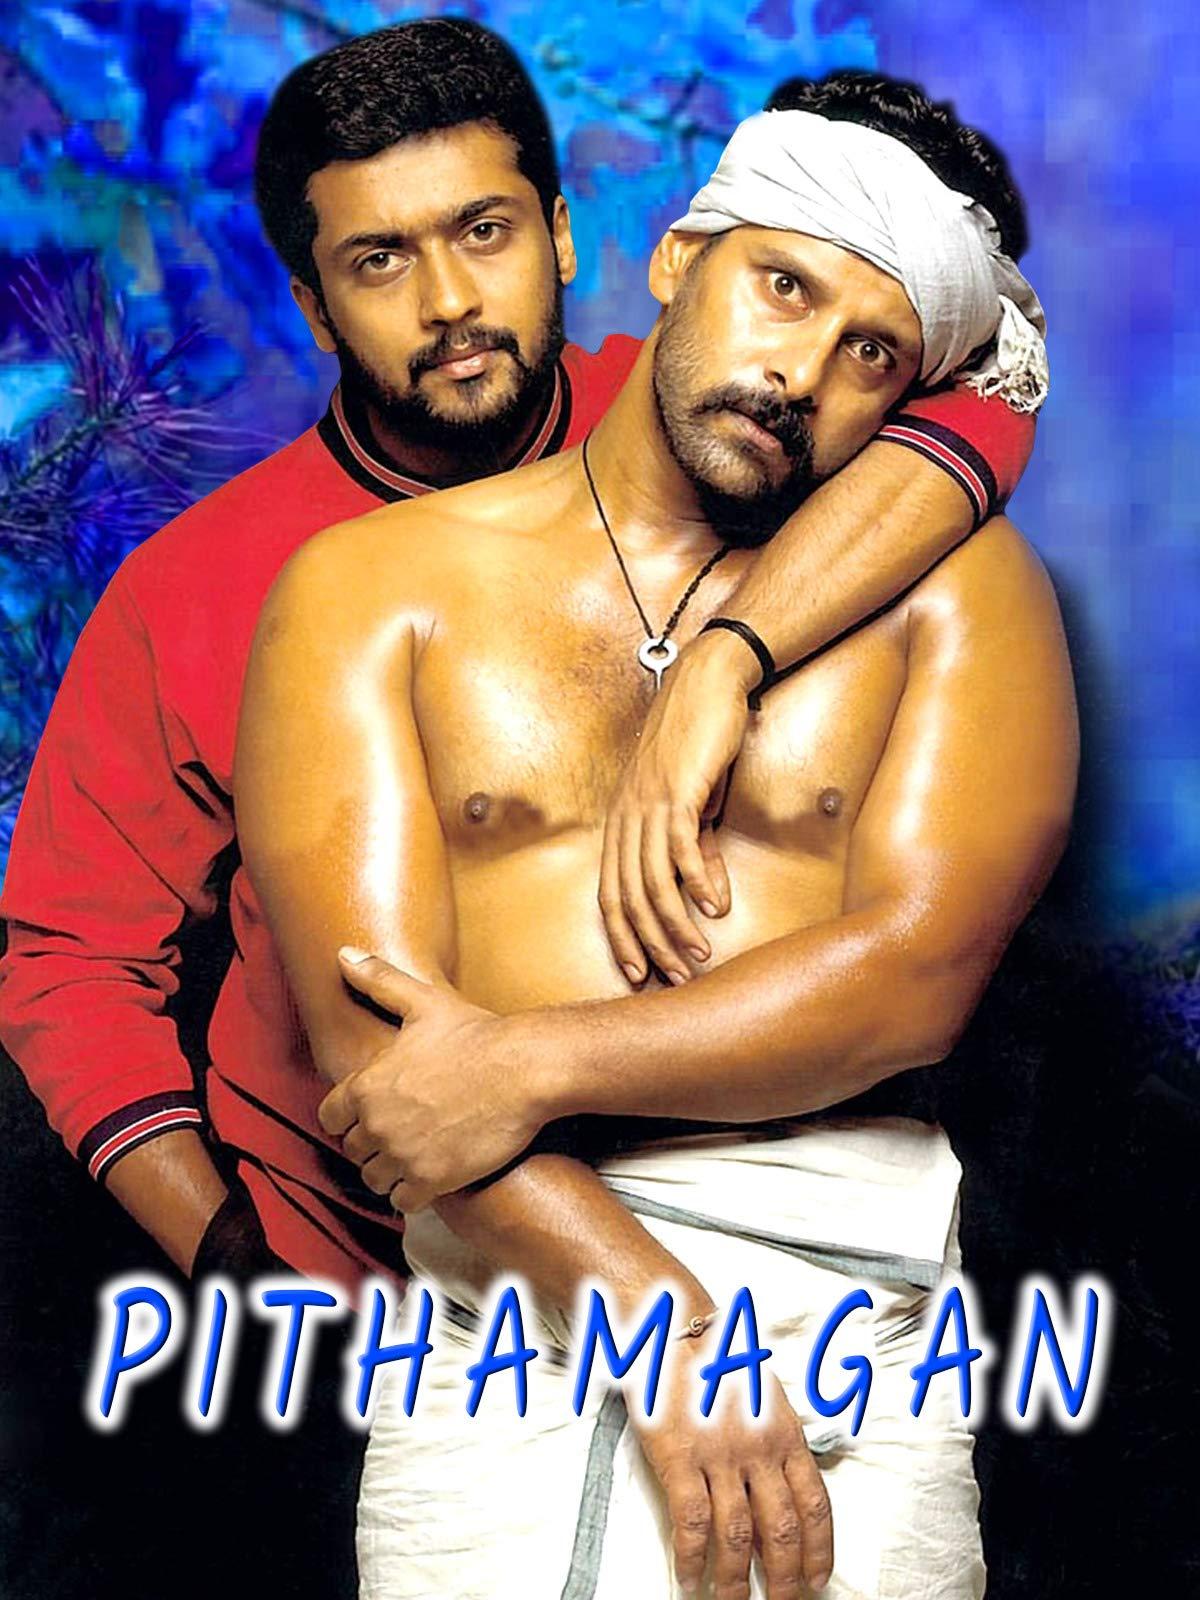 Pithamagan 2020 Hindi Dubbed 450MB HDRip 480p x264 Free Download